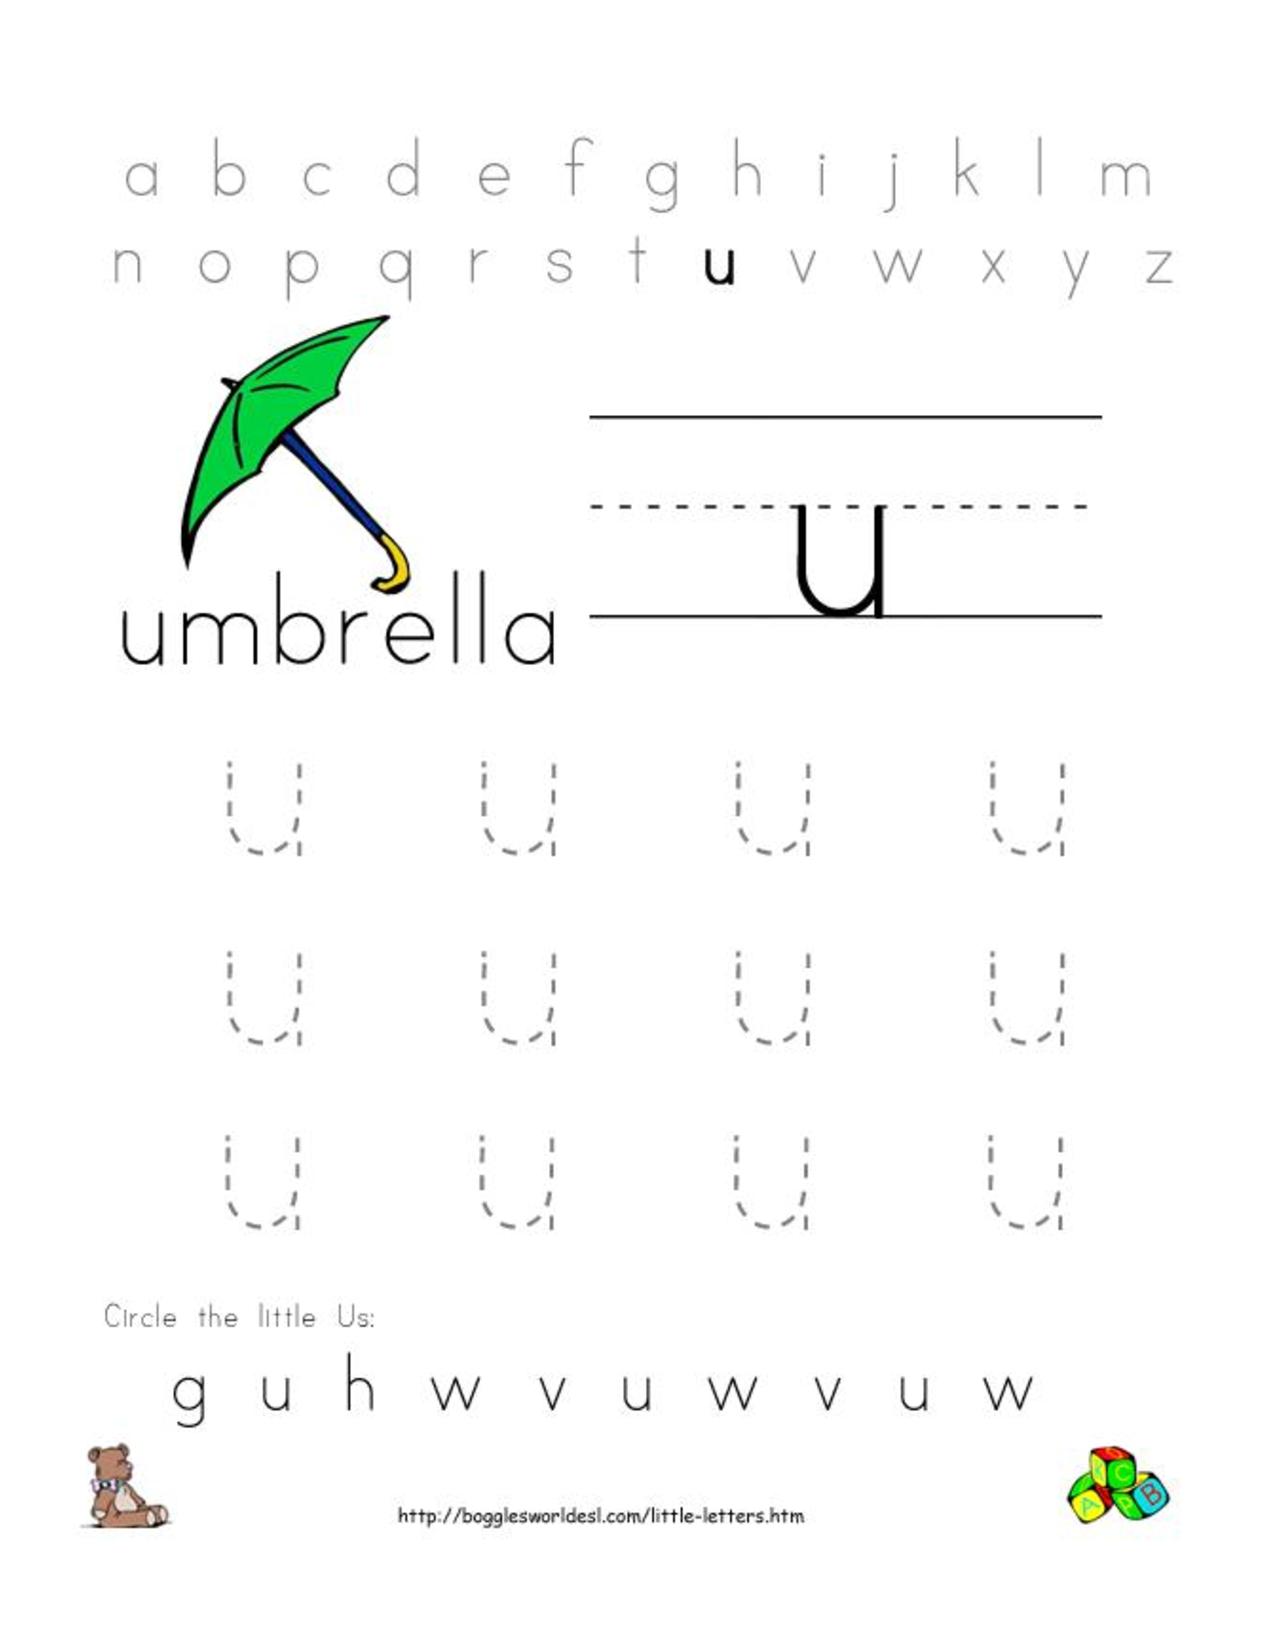 alphabet worksheets for preschoolers alphabet worksheet little letter u doc doc. Black Bedroom Furniture Sets. Home Design Ideas